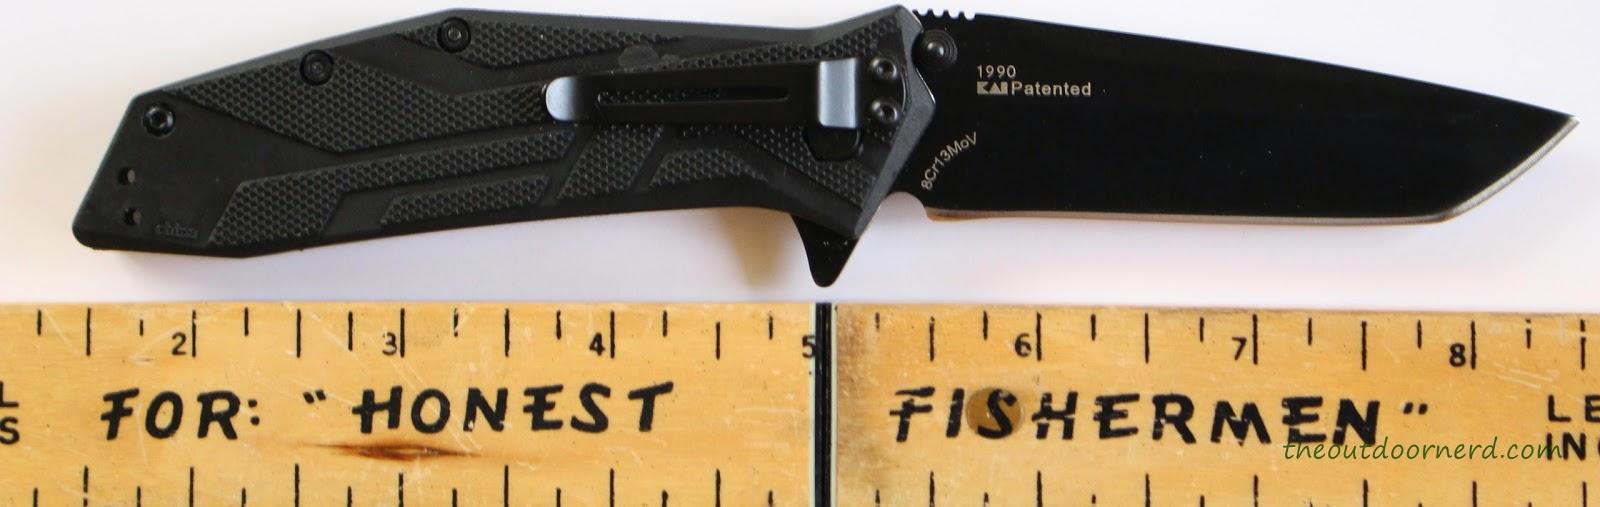 Kershaw Brawler Pocket Knife Next To Ruler